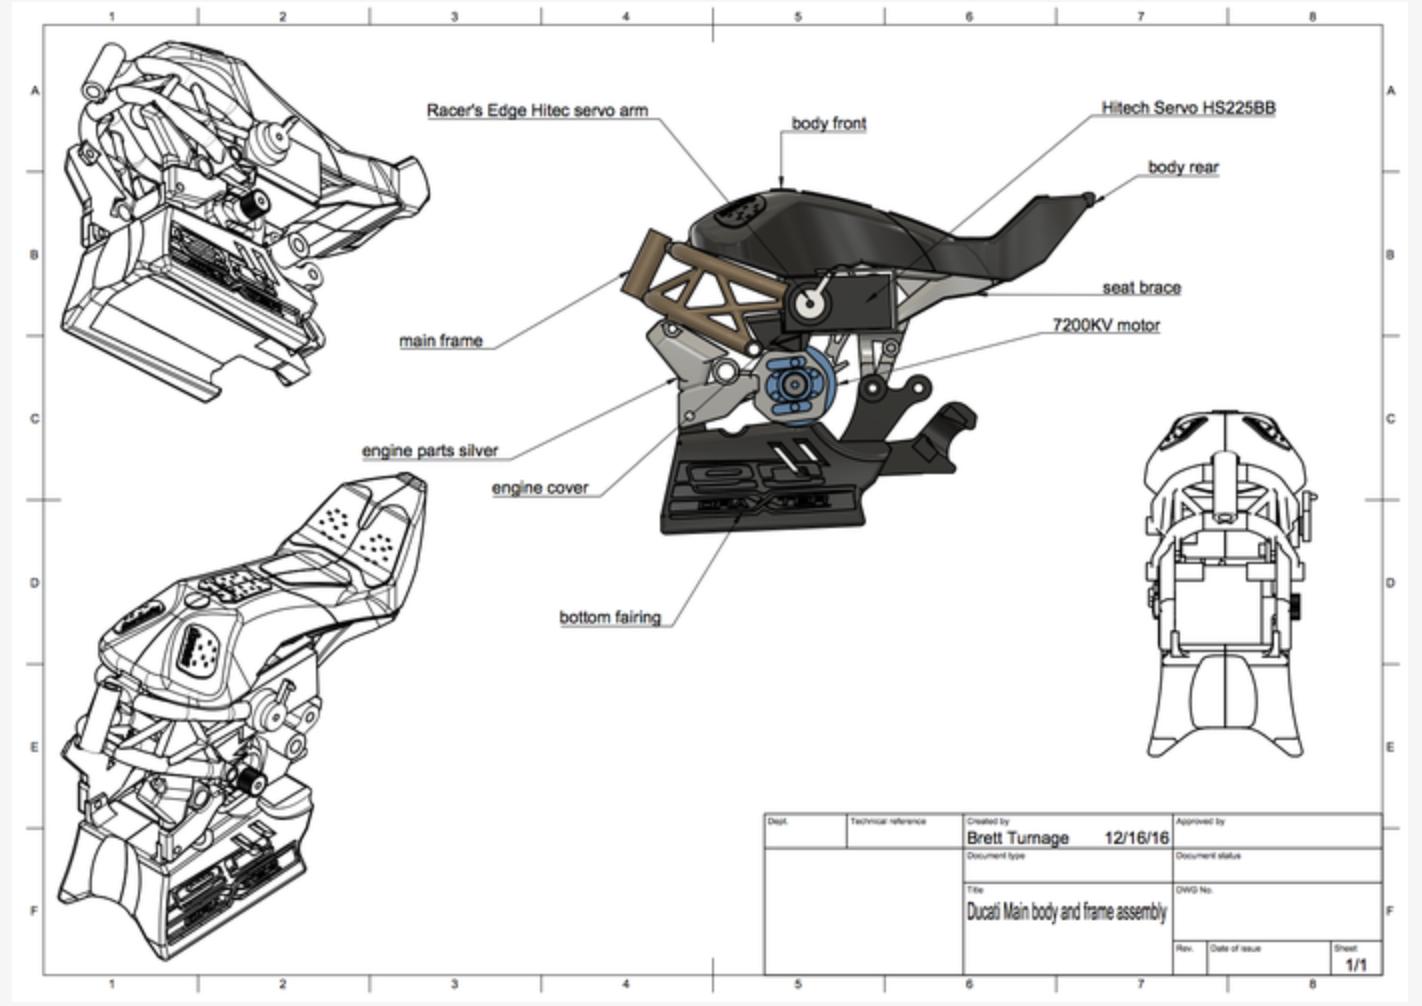 Screen Shot 2017-02-10 at 9.29.17 AM.png Télécharger fichier STL gratuit 2016 Ducati Draxter Concept Drag Bike RC • Design à imprimer en 3D, brett